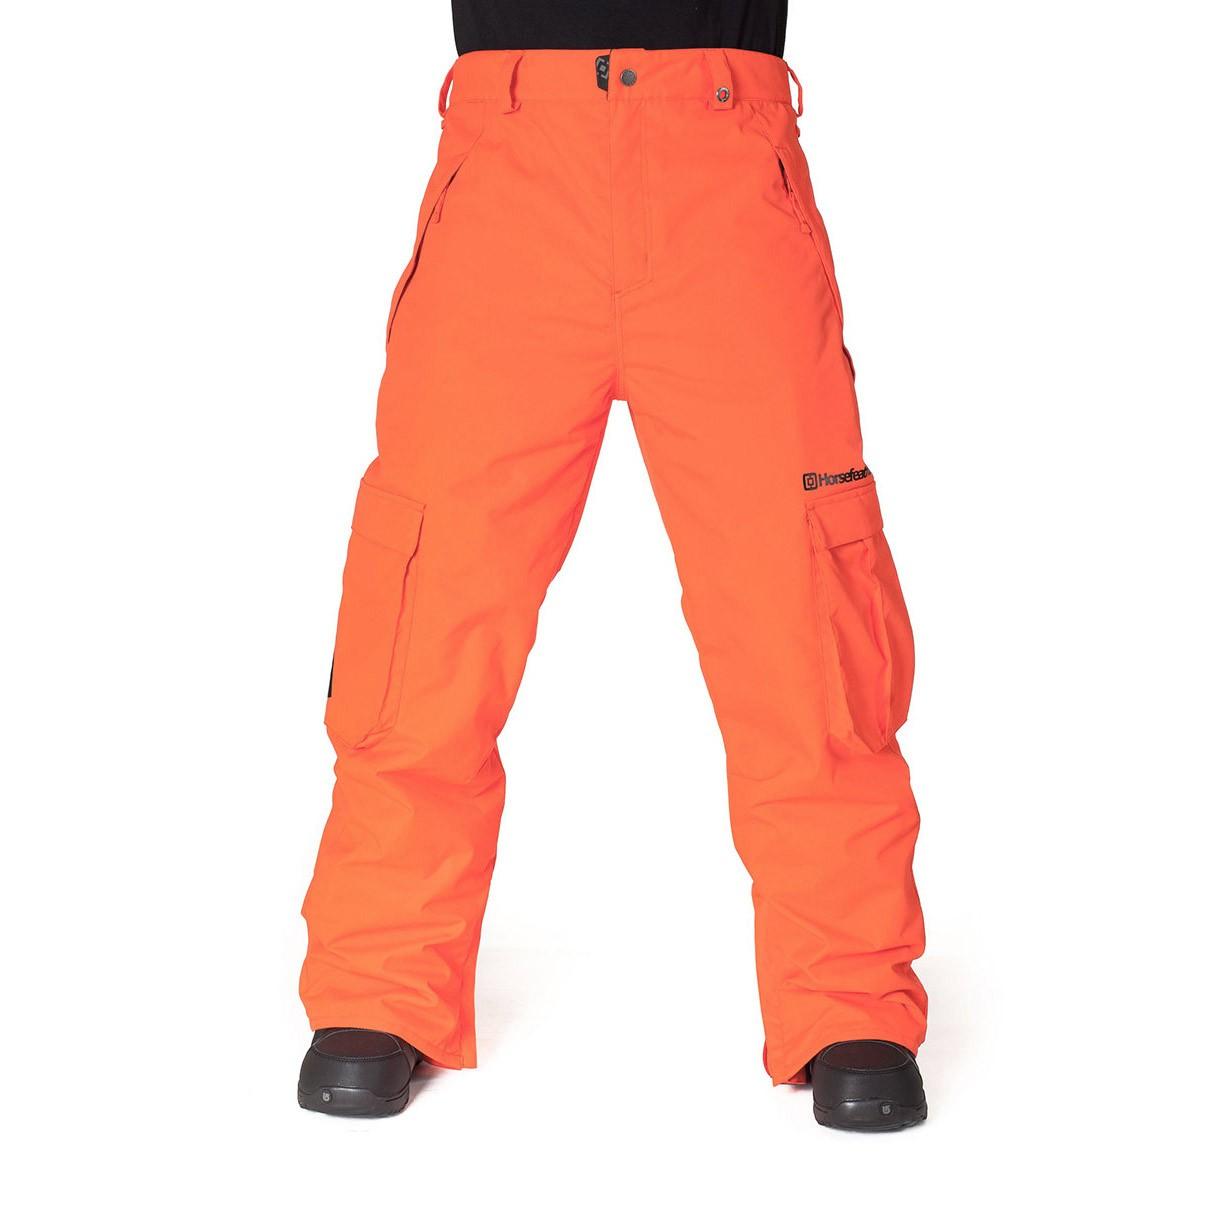 Kalhoty Horsefeathers Josh orange vel.L 15/16 + doručení do 24 hodin